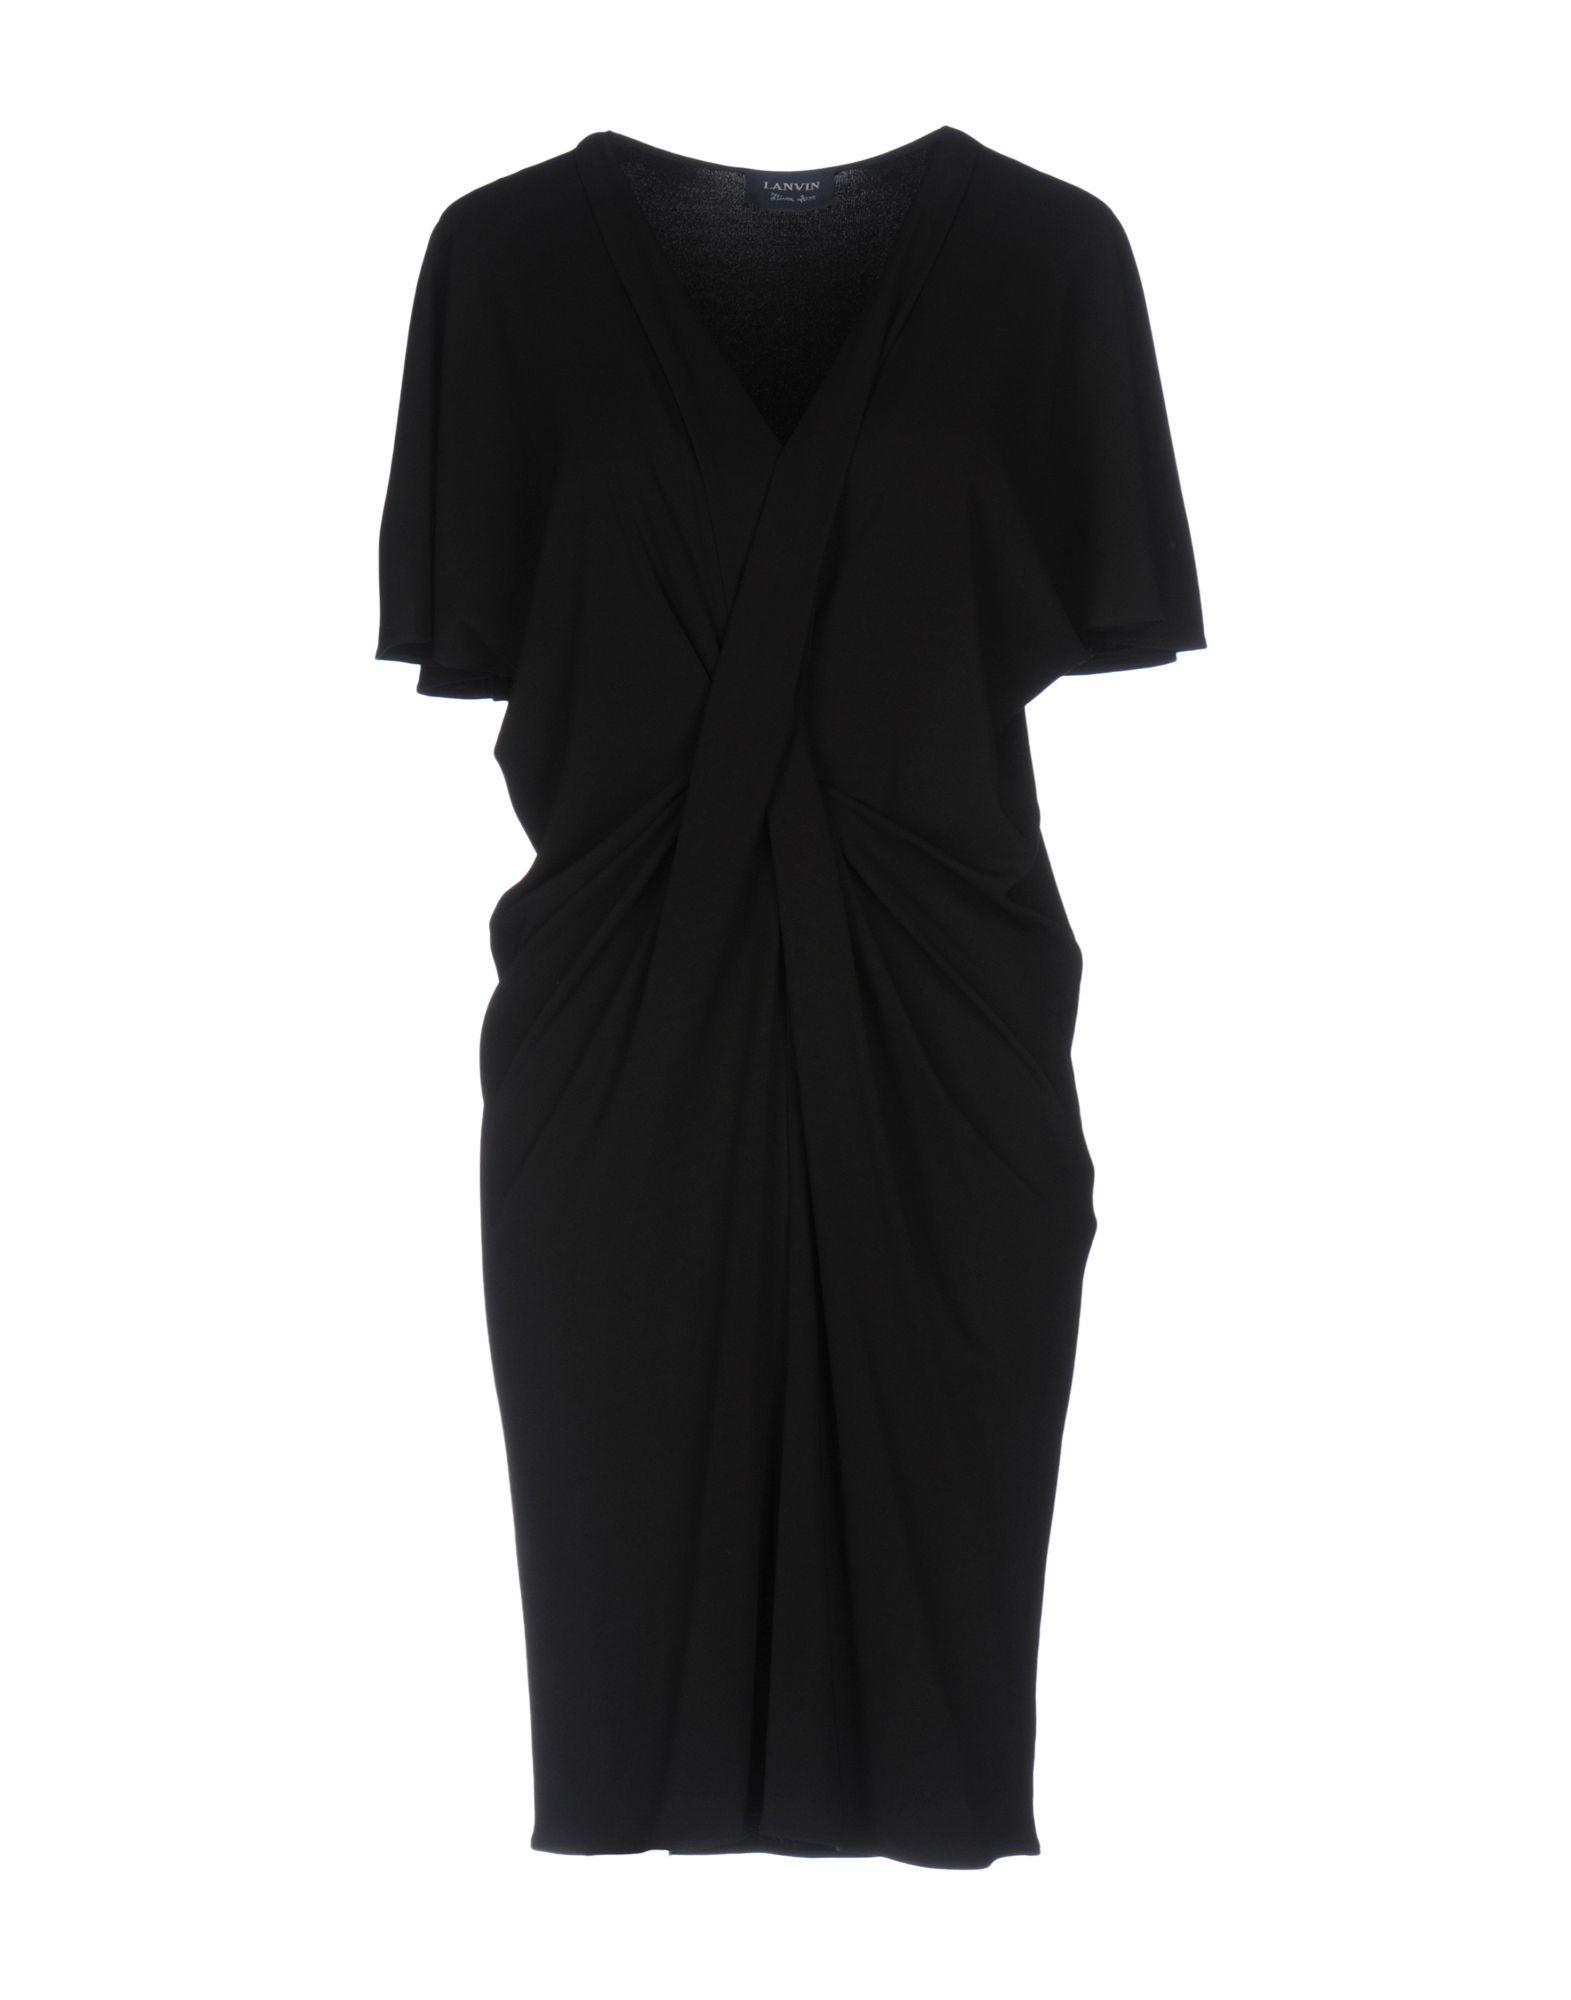 LANVIN Damen Kurzes Kleid Farbe Schwarz Größe 3